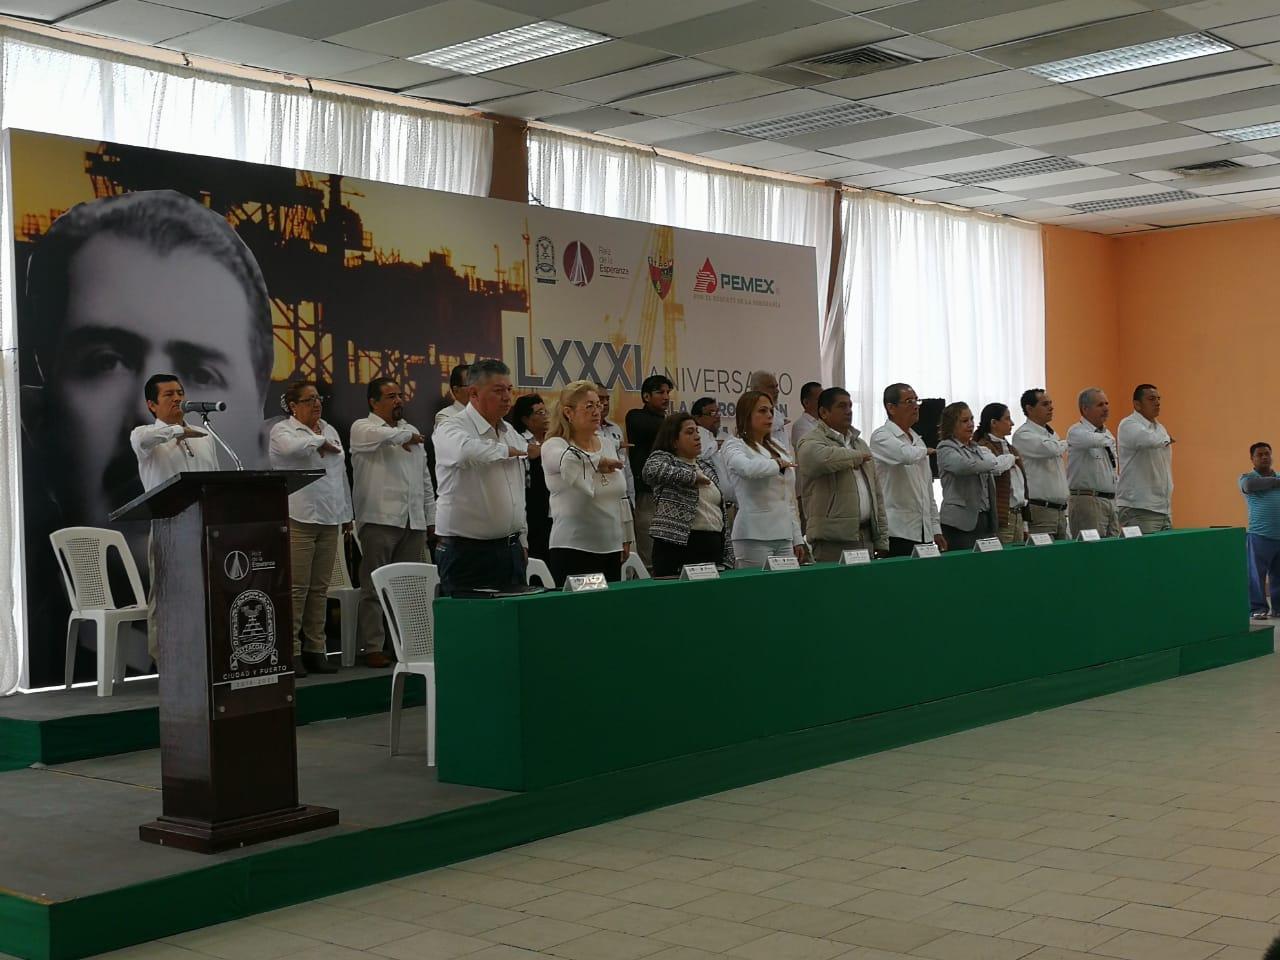 Confianza en que el desarrollo llegue nuevamente a la zona sur: Francisco Zamudio